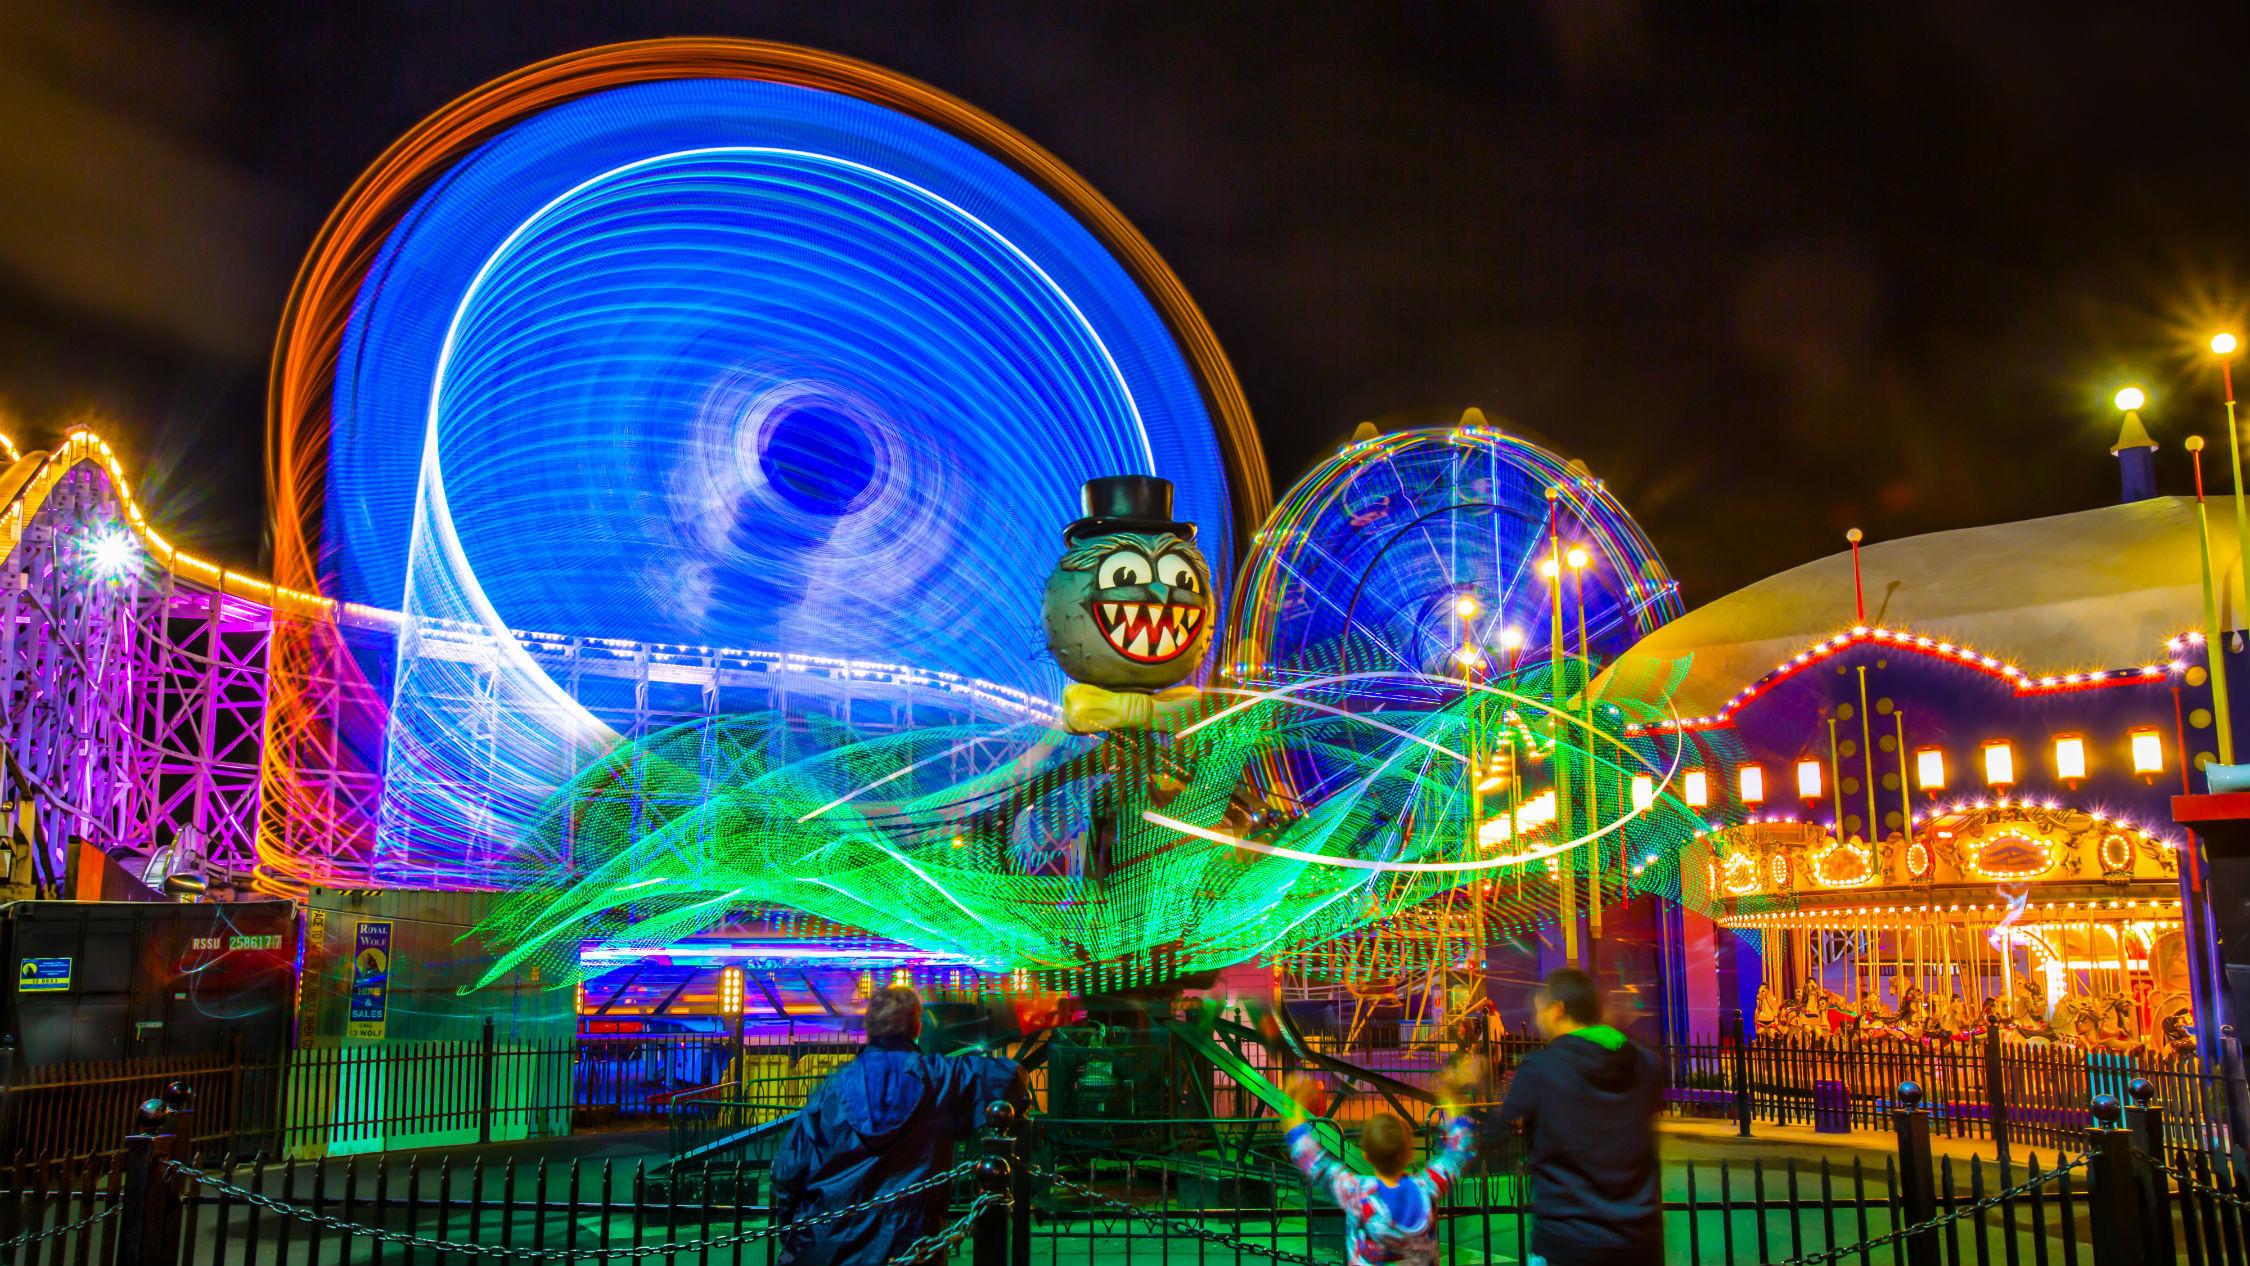 Luna Park rides at night